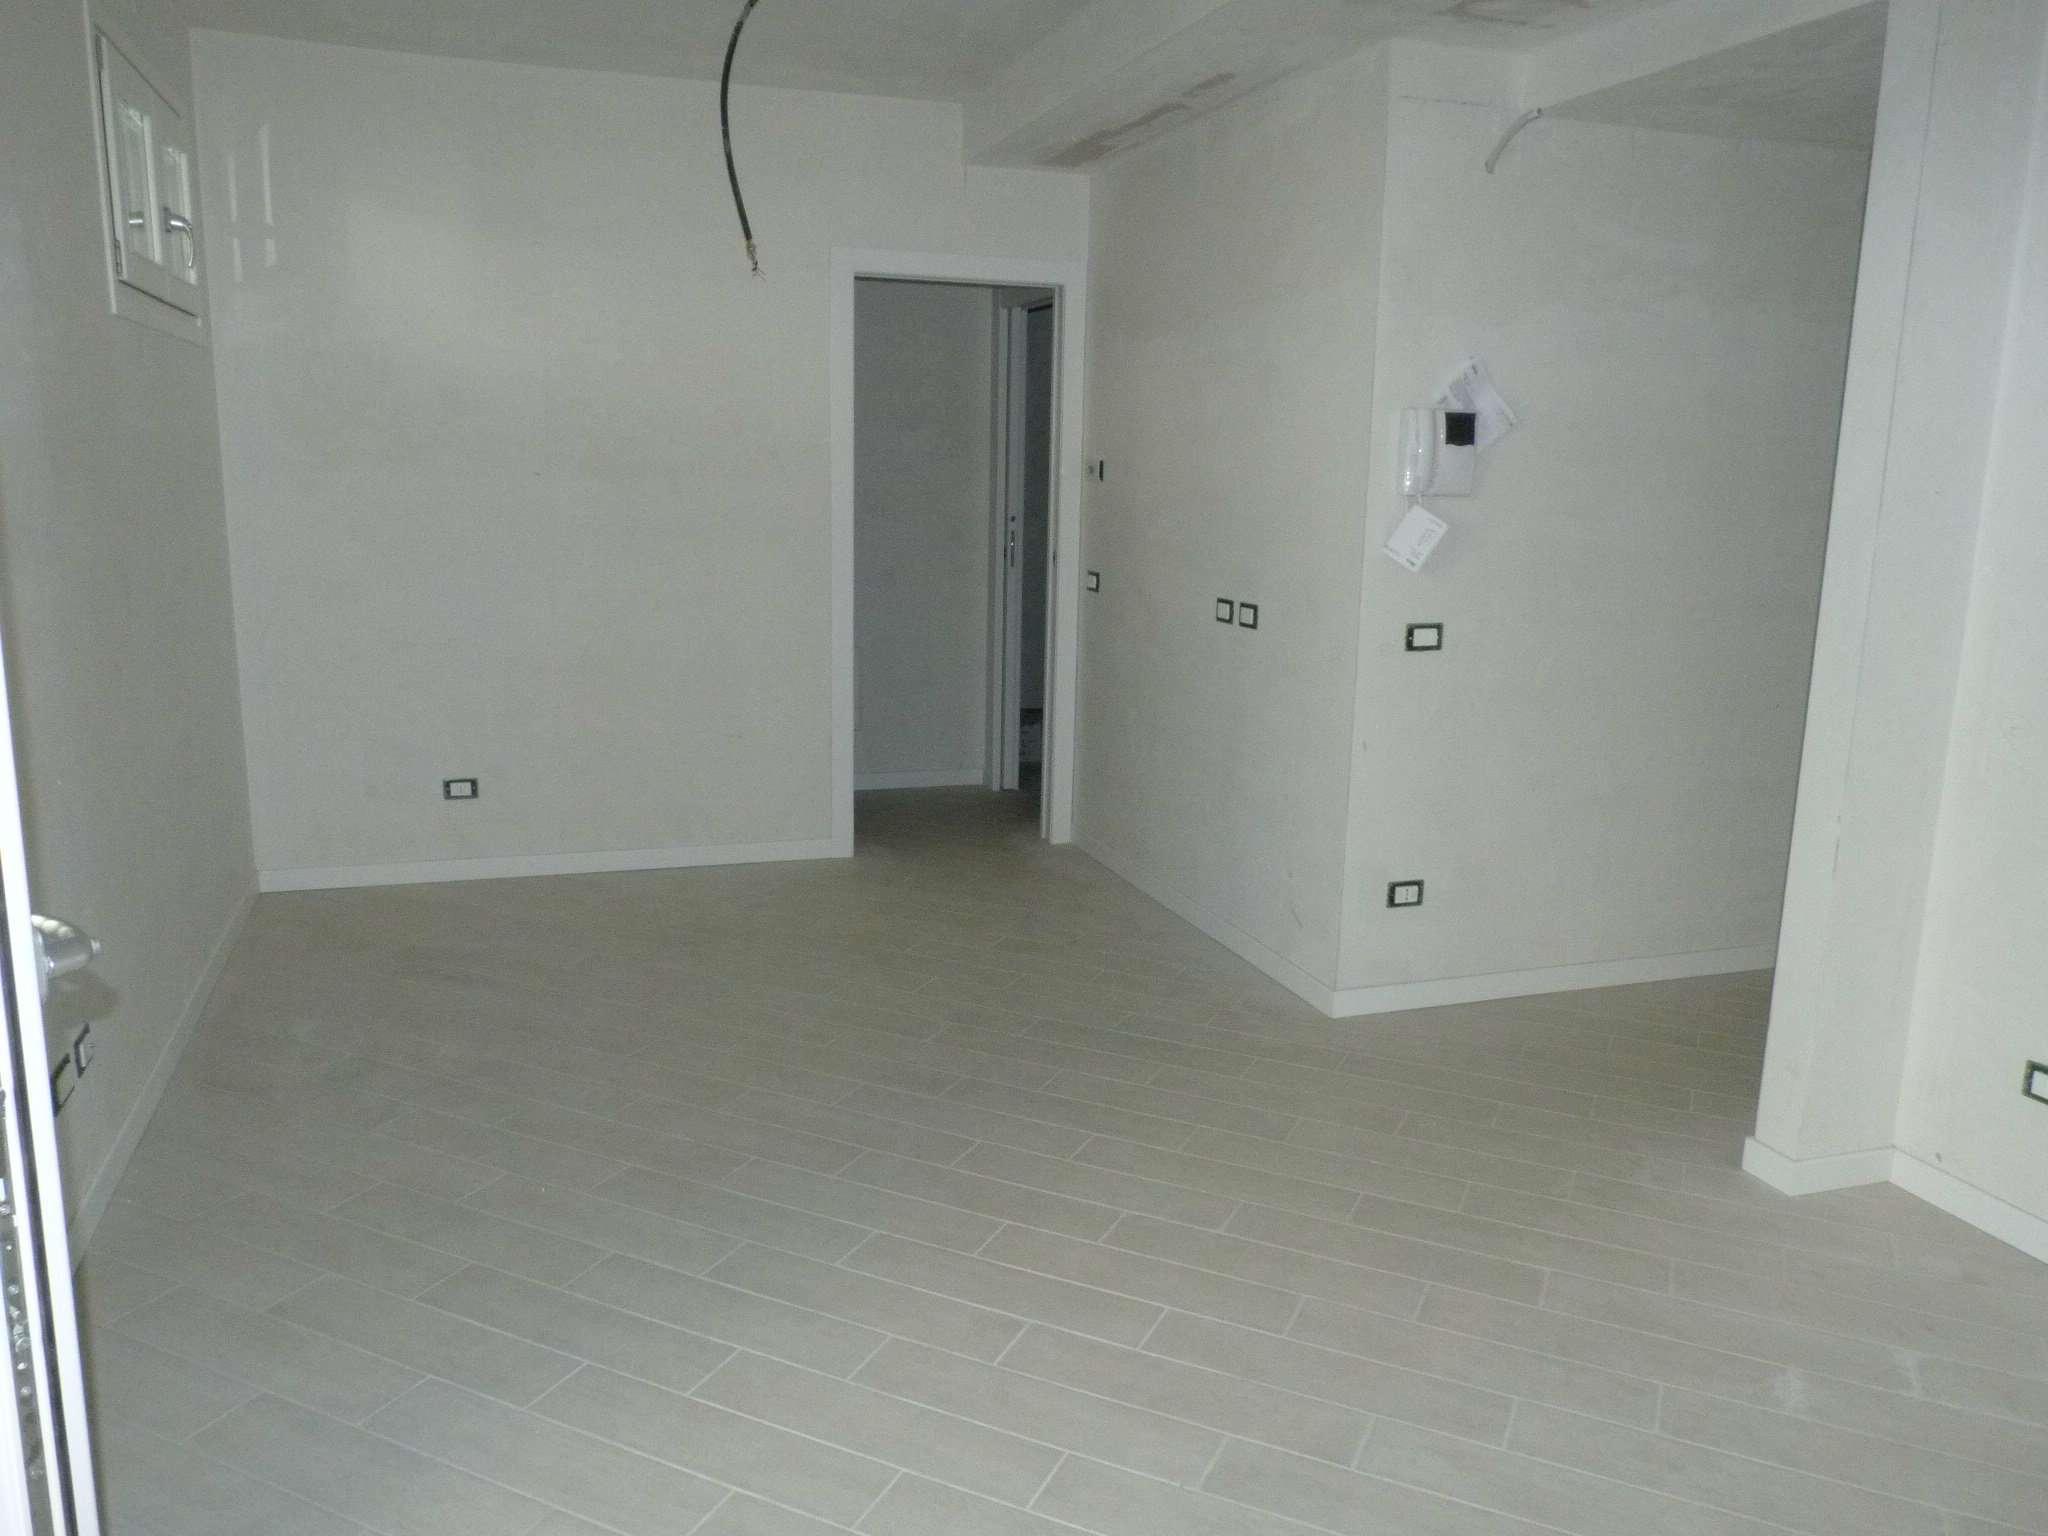 Appartamento in vendita a Como, 2 locali, zona Zona: 5 . Borghi, prezzo € 200.000 | Cambio Casa.it